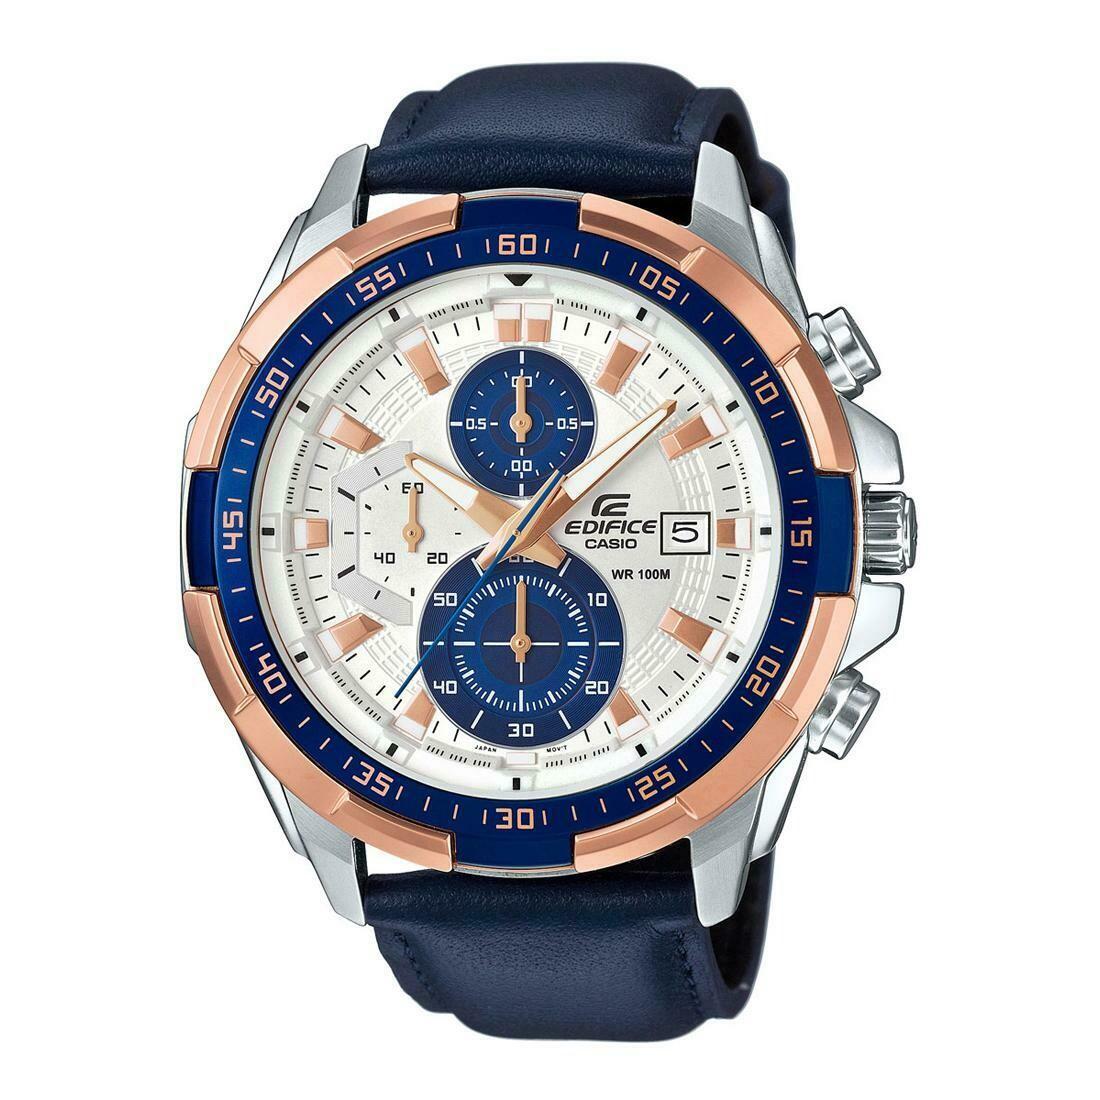 Casio Edifice EFR-539L-7CVUDF Analog Wrist Watch For Men - Blue